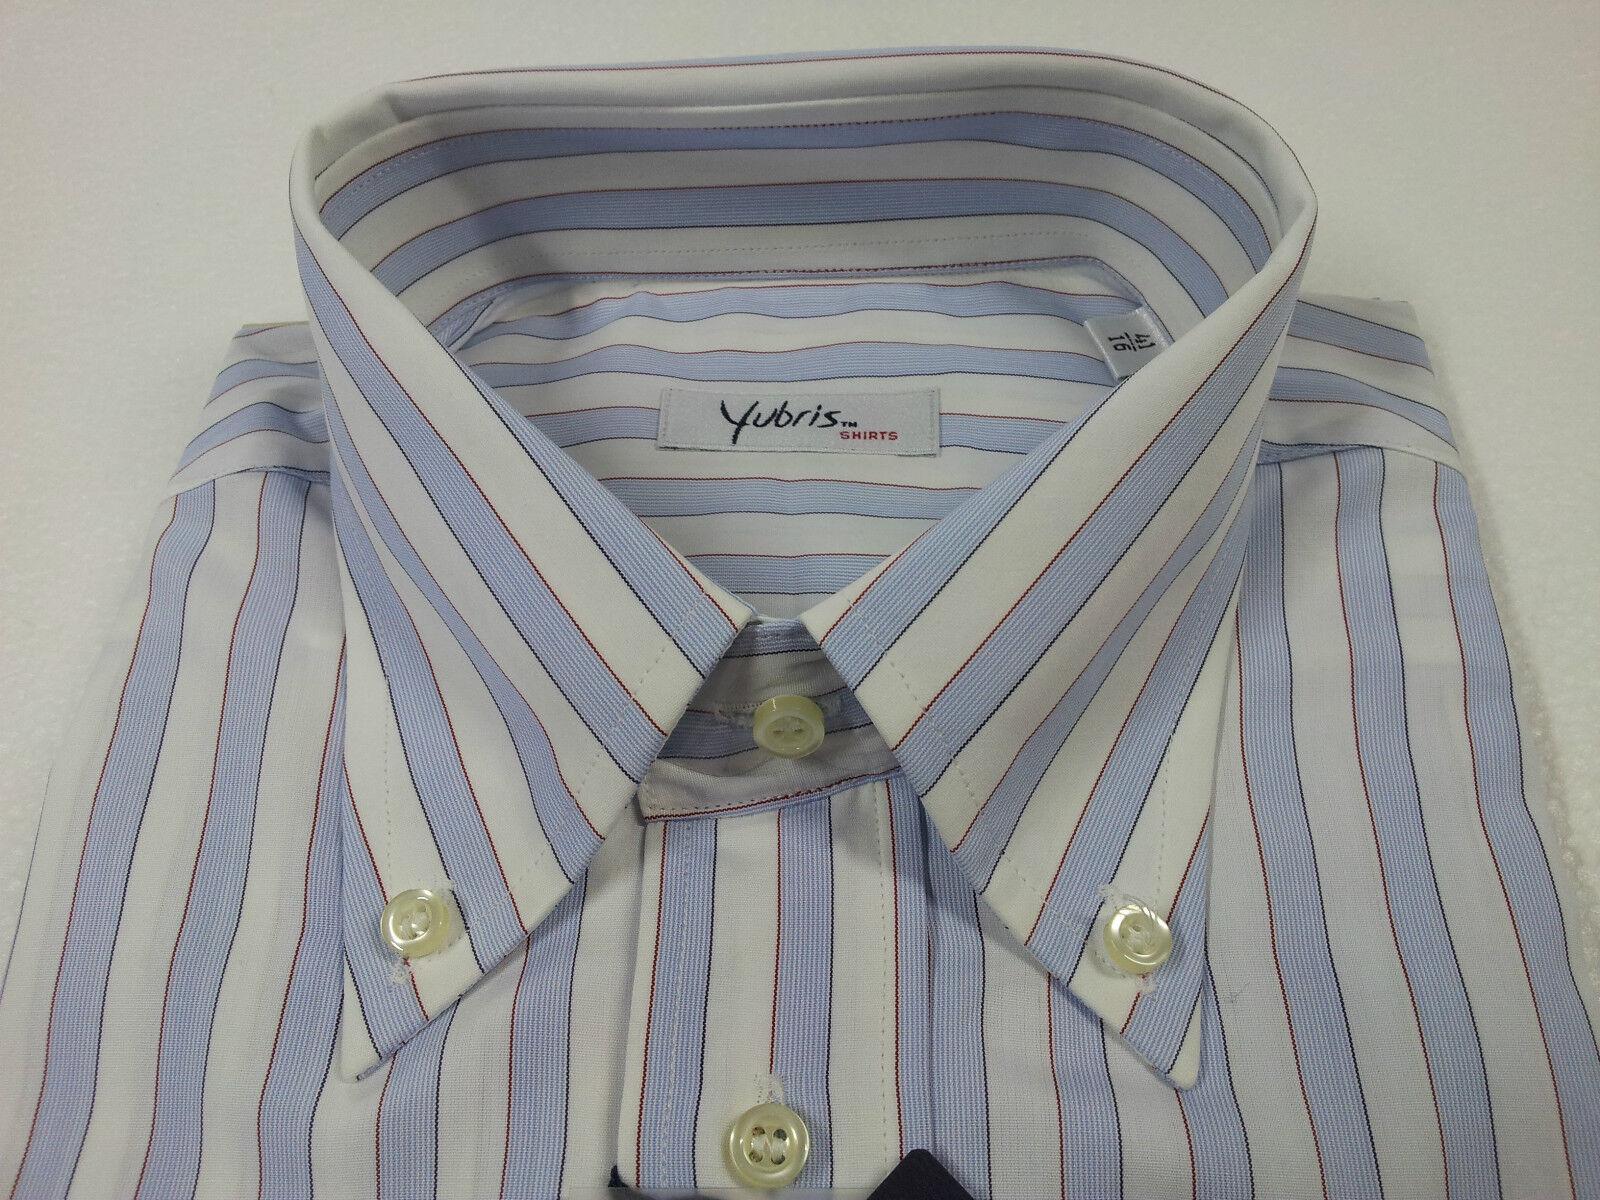 YUBRIS camicia camicia camicia uomo rigata 100 % cotone doppio ritorto vestibilità regolare d693de